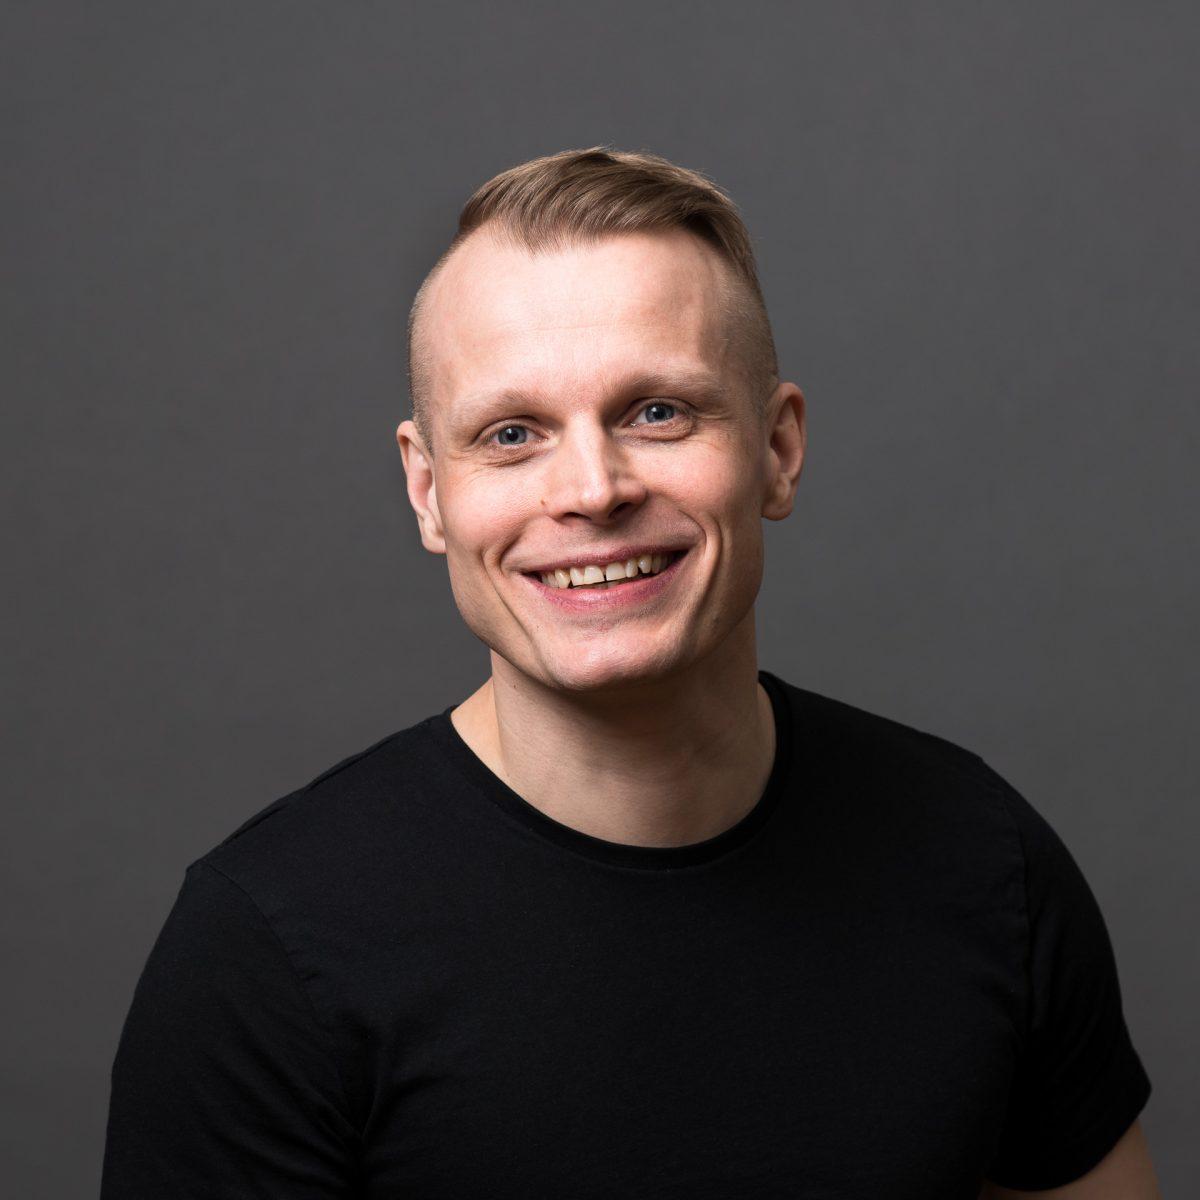 ROB ÖRTHÉN, ohjaaja, kuvaaja sekä valmentava innostaja